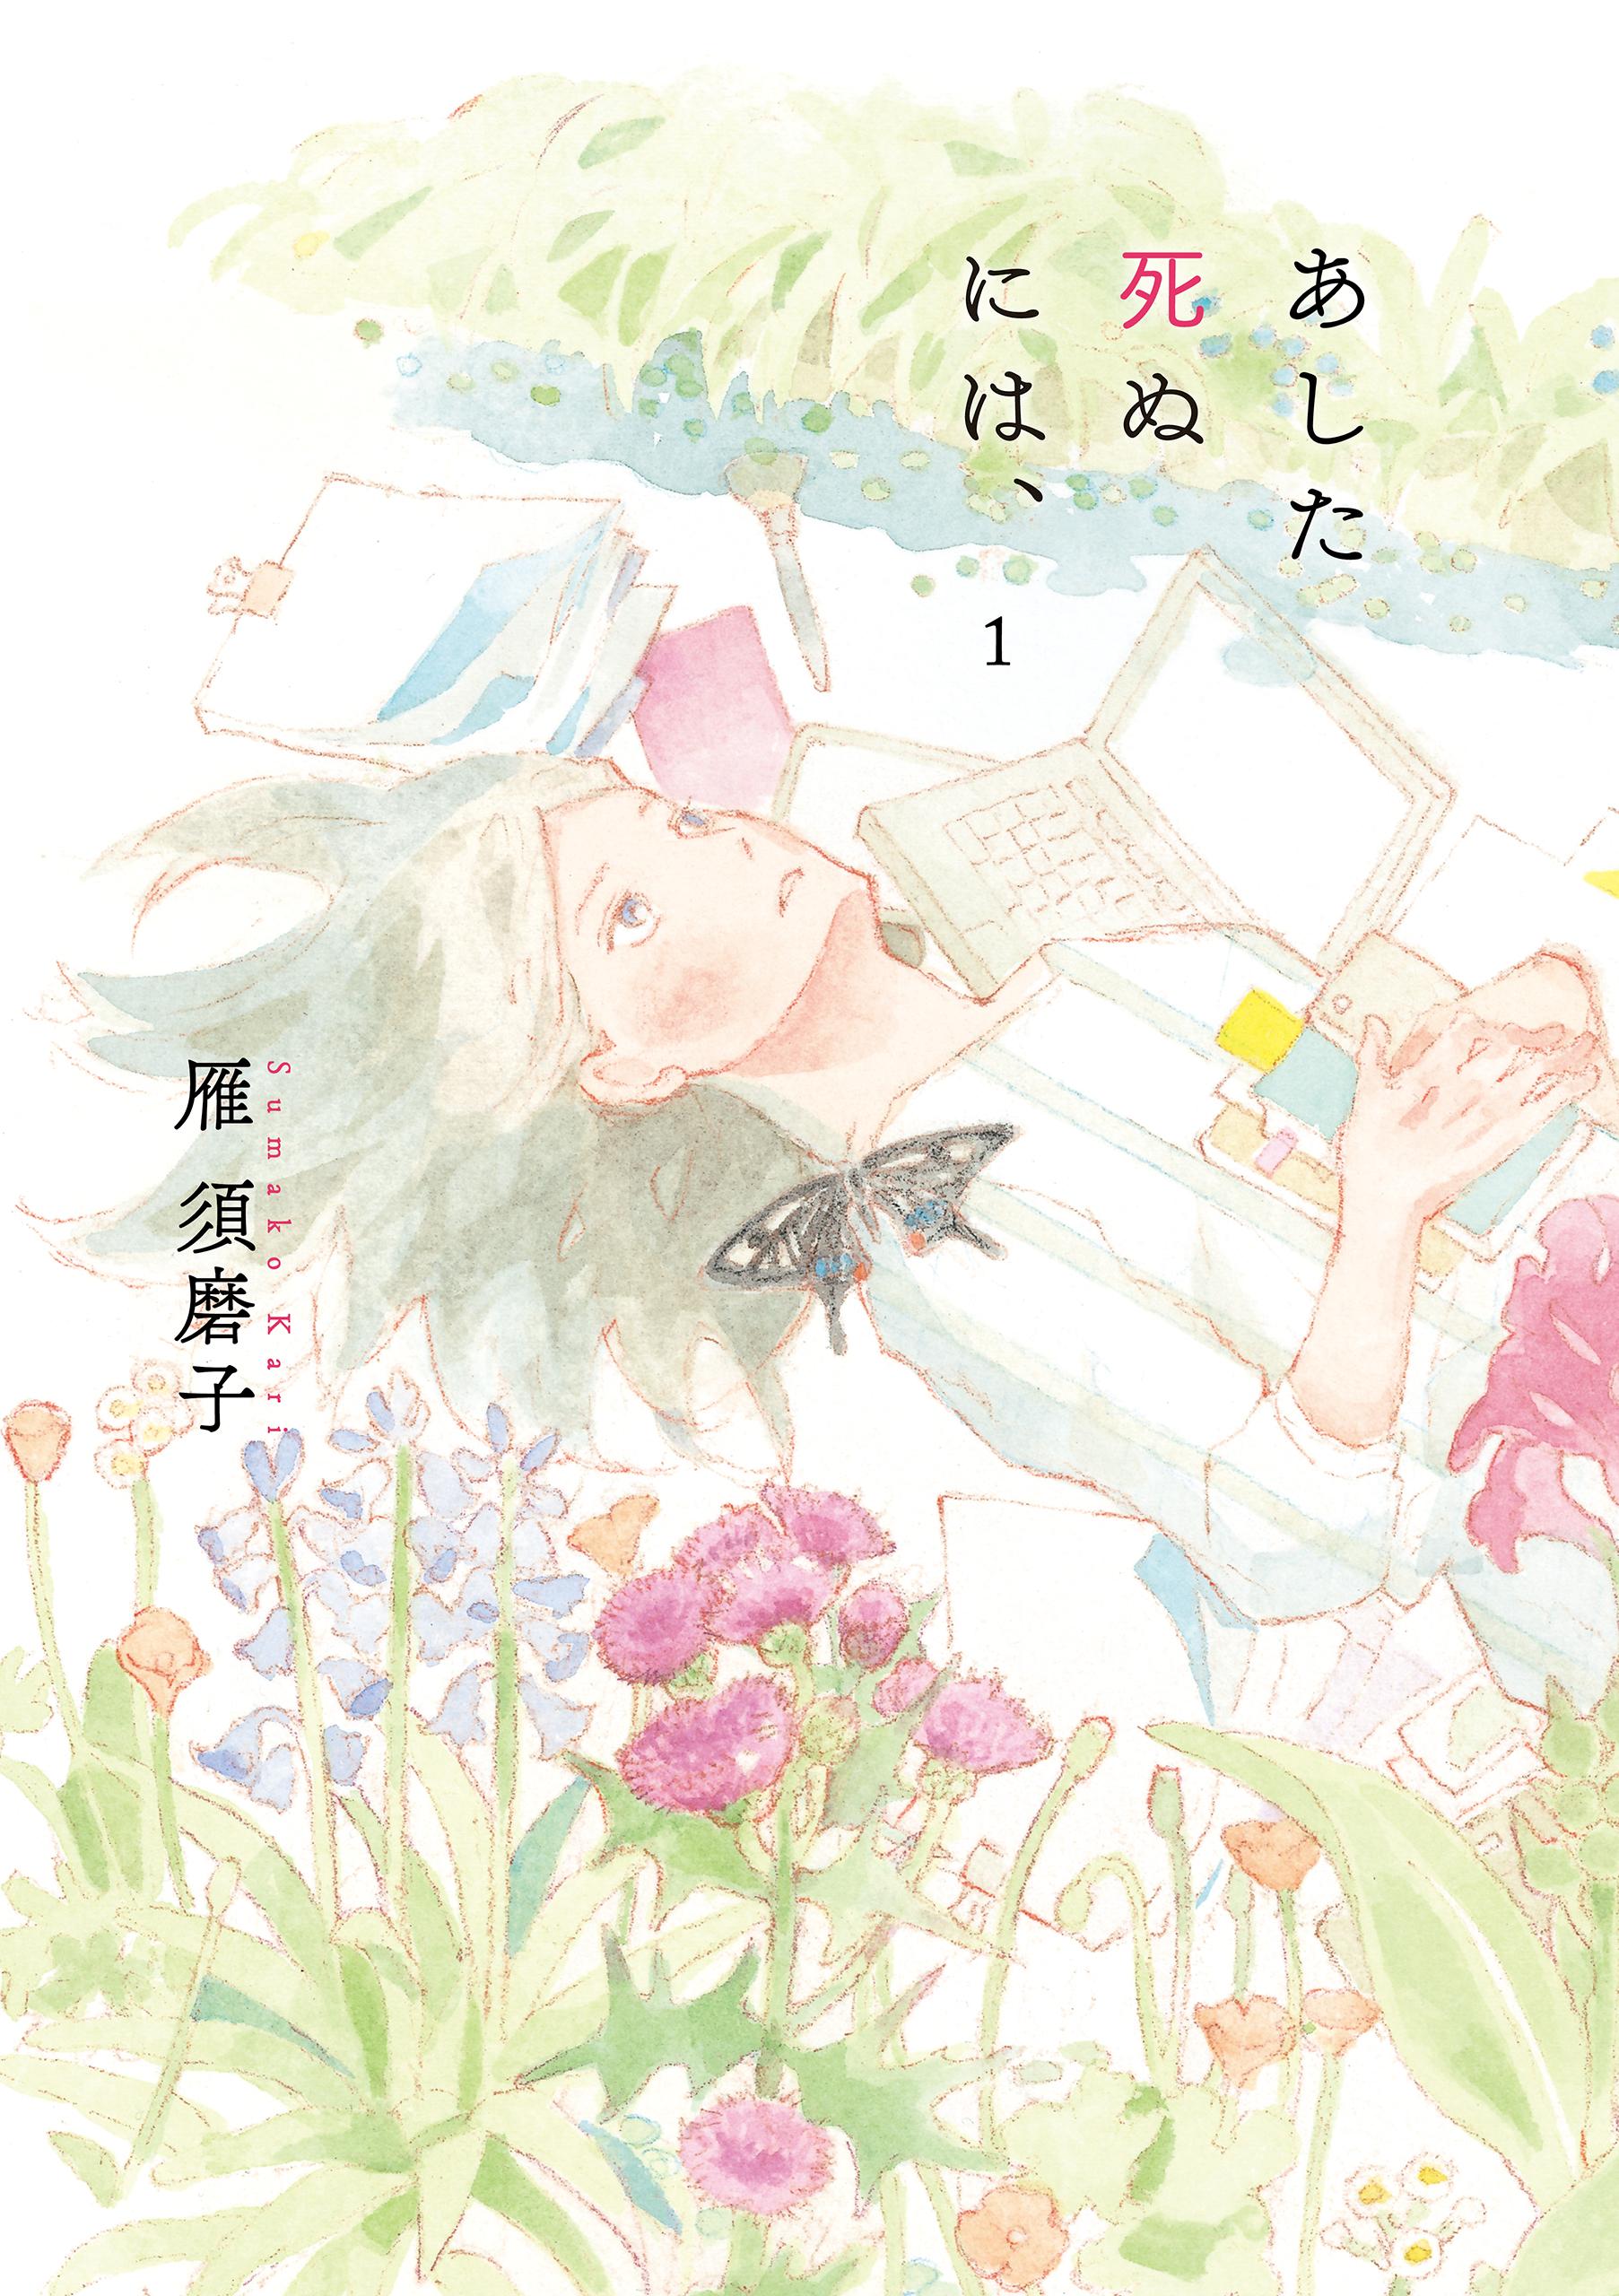 MAN-02_ASHITASHINUNIWA_DN002453